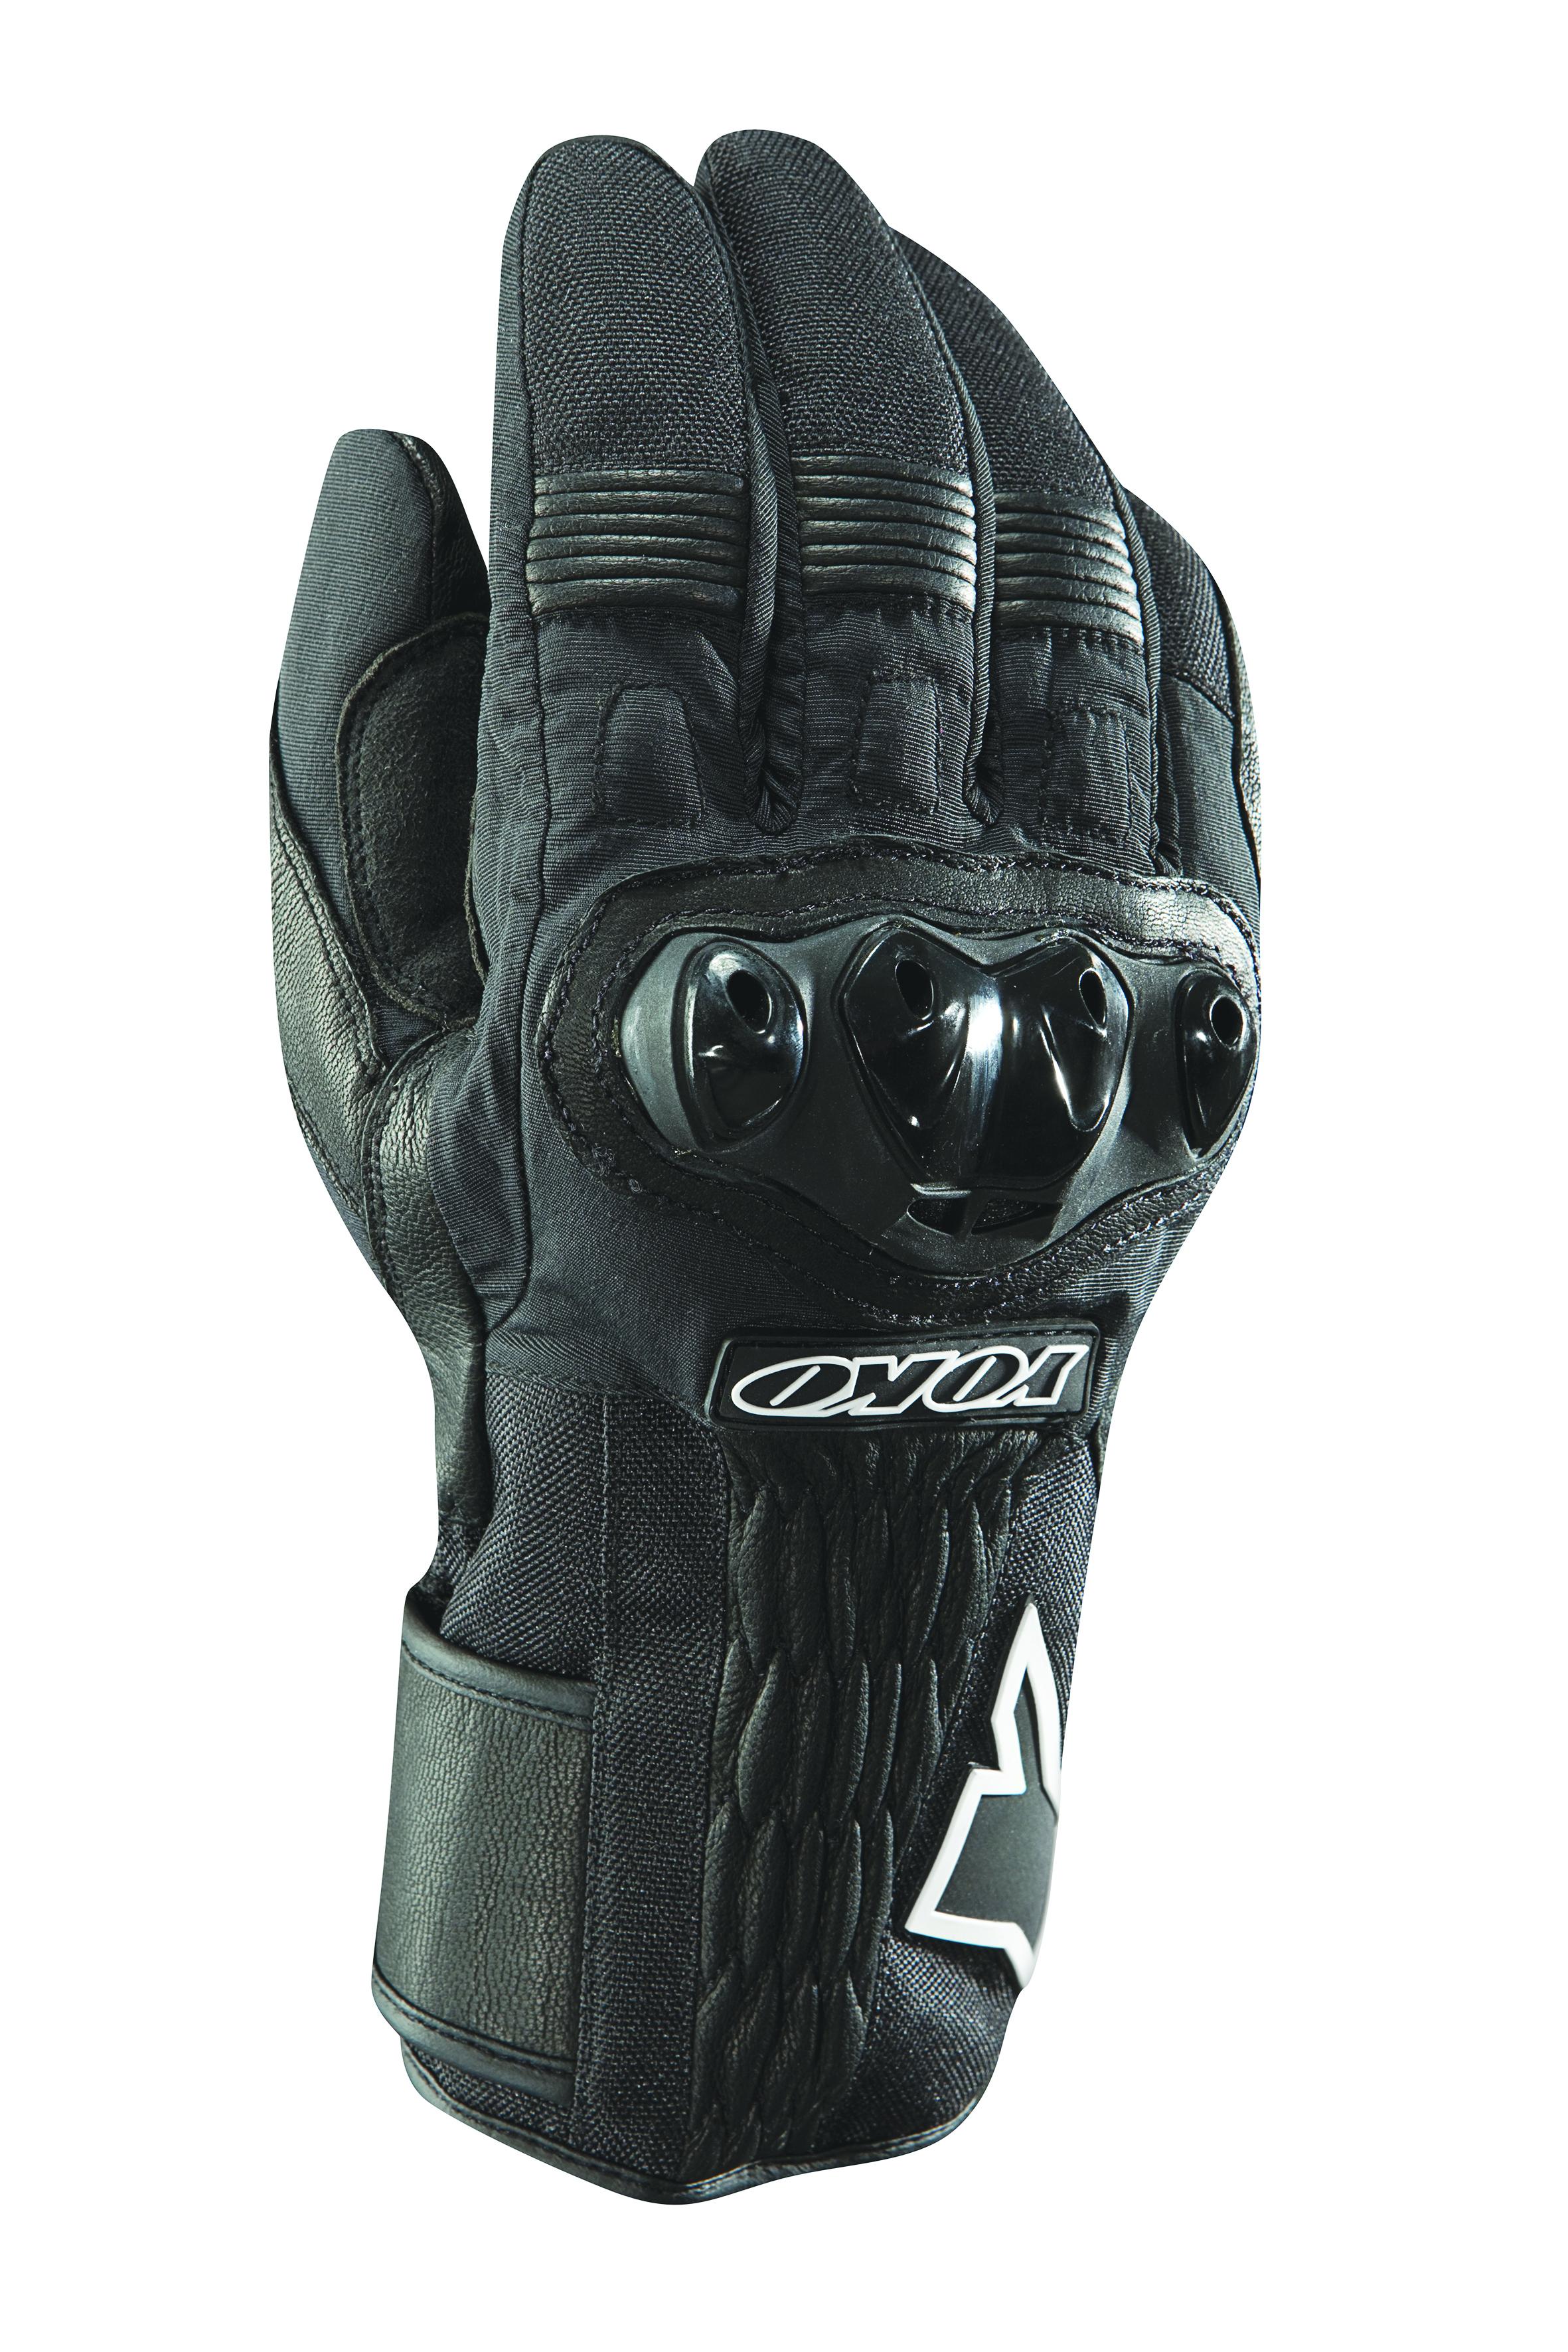 Yoko motorcycle gloves - Yg10 Waterproof 116134999 1